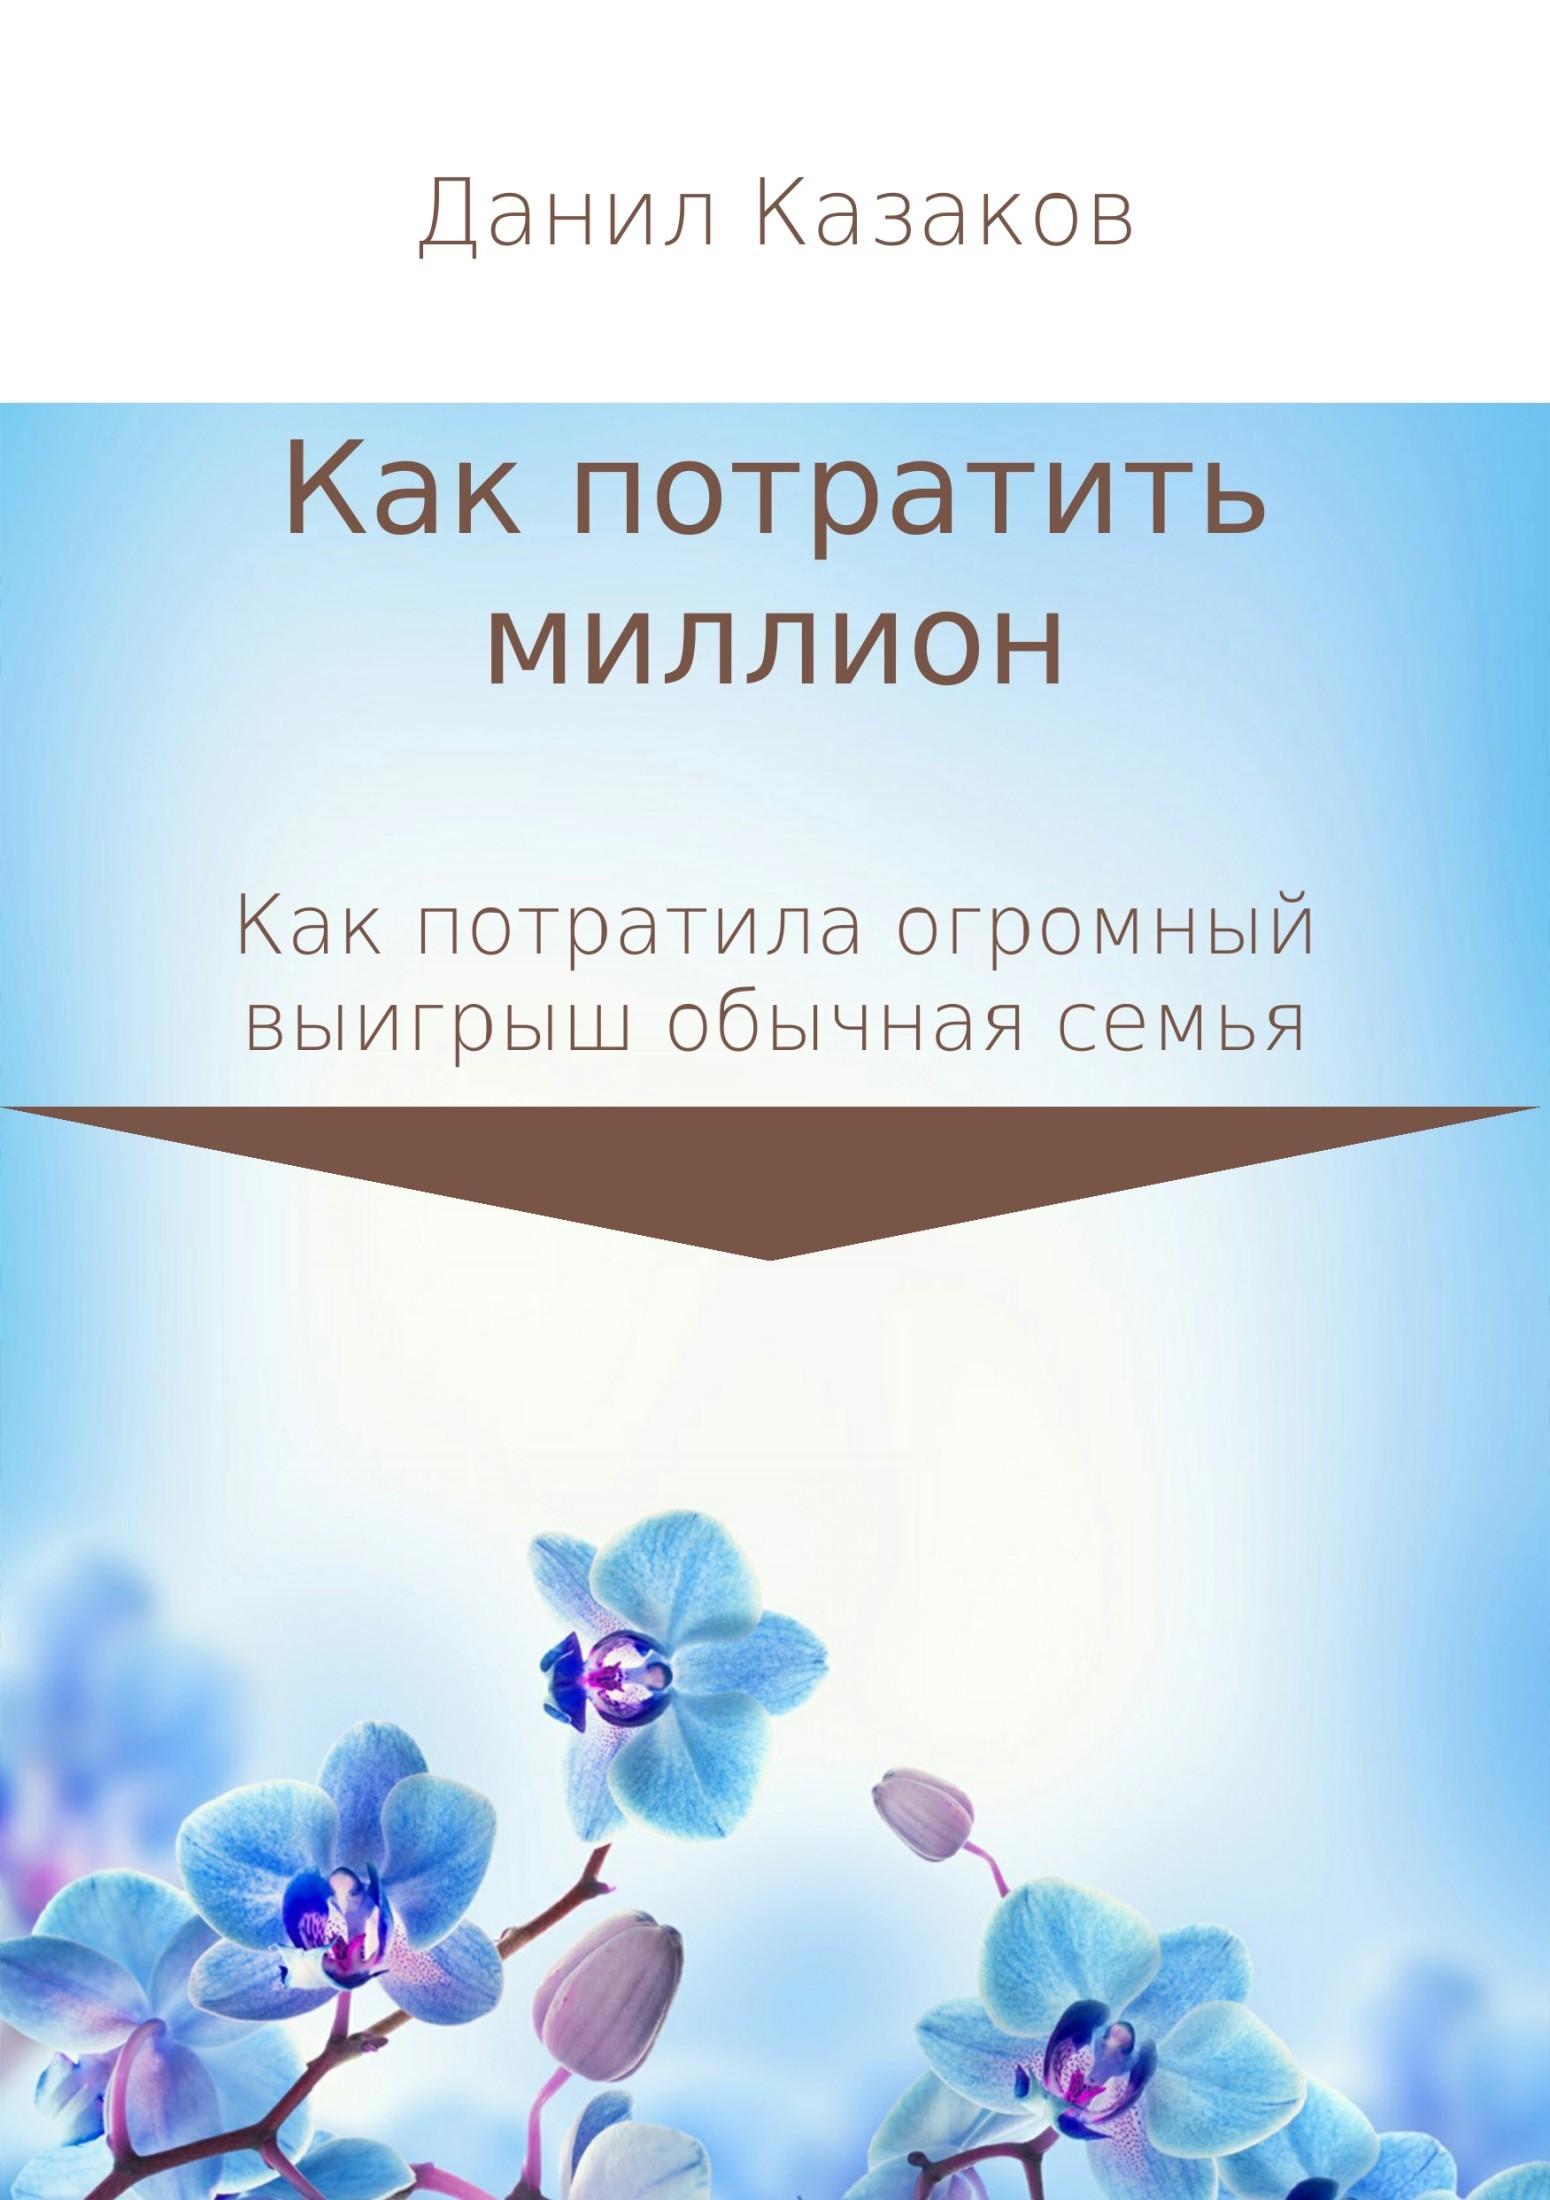 Данил Васильевич Казаков Как потратить миллион рублей